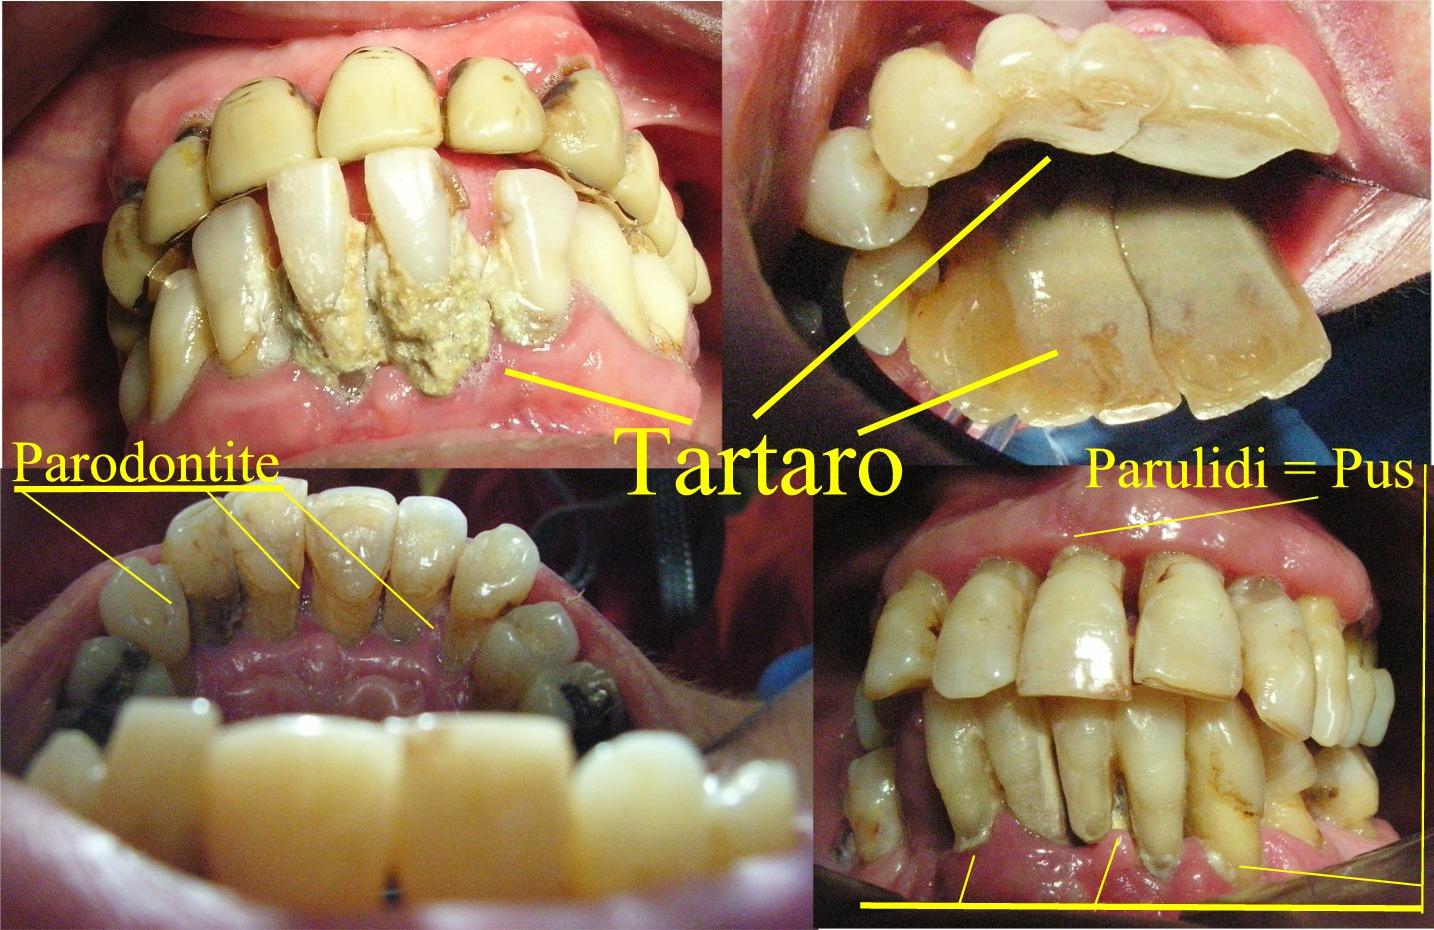 Tartaro in Parodontite prima della Pulizia dei denti e del Curettage e Scaling. Da casistica del Dr. Gustavo Petti Parodontologo di Cagliari